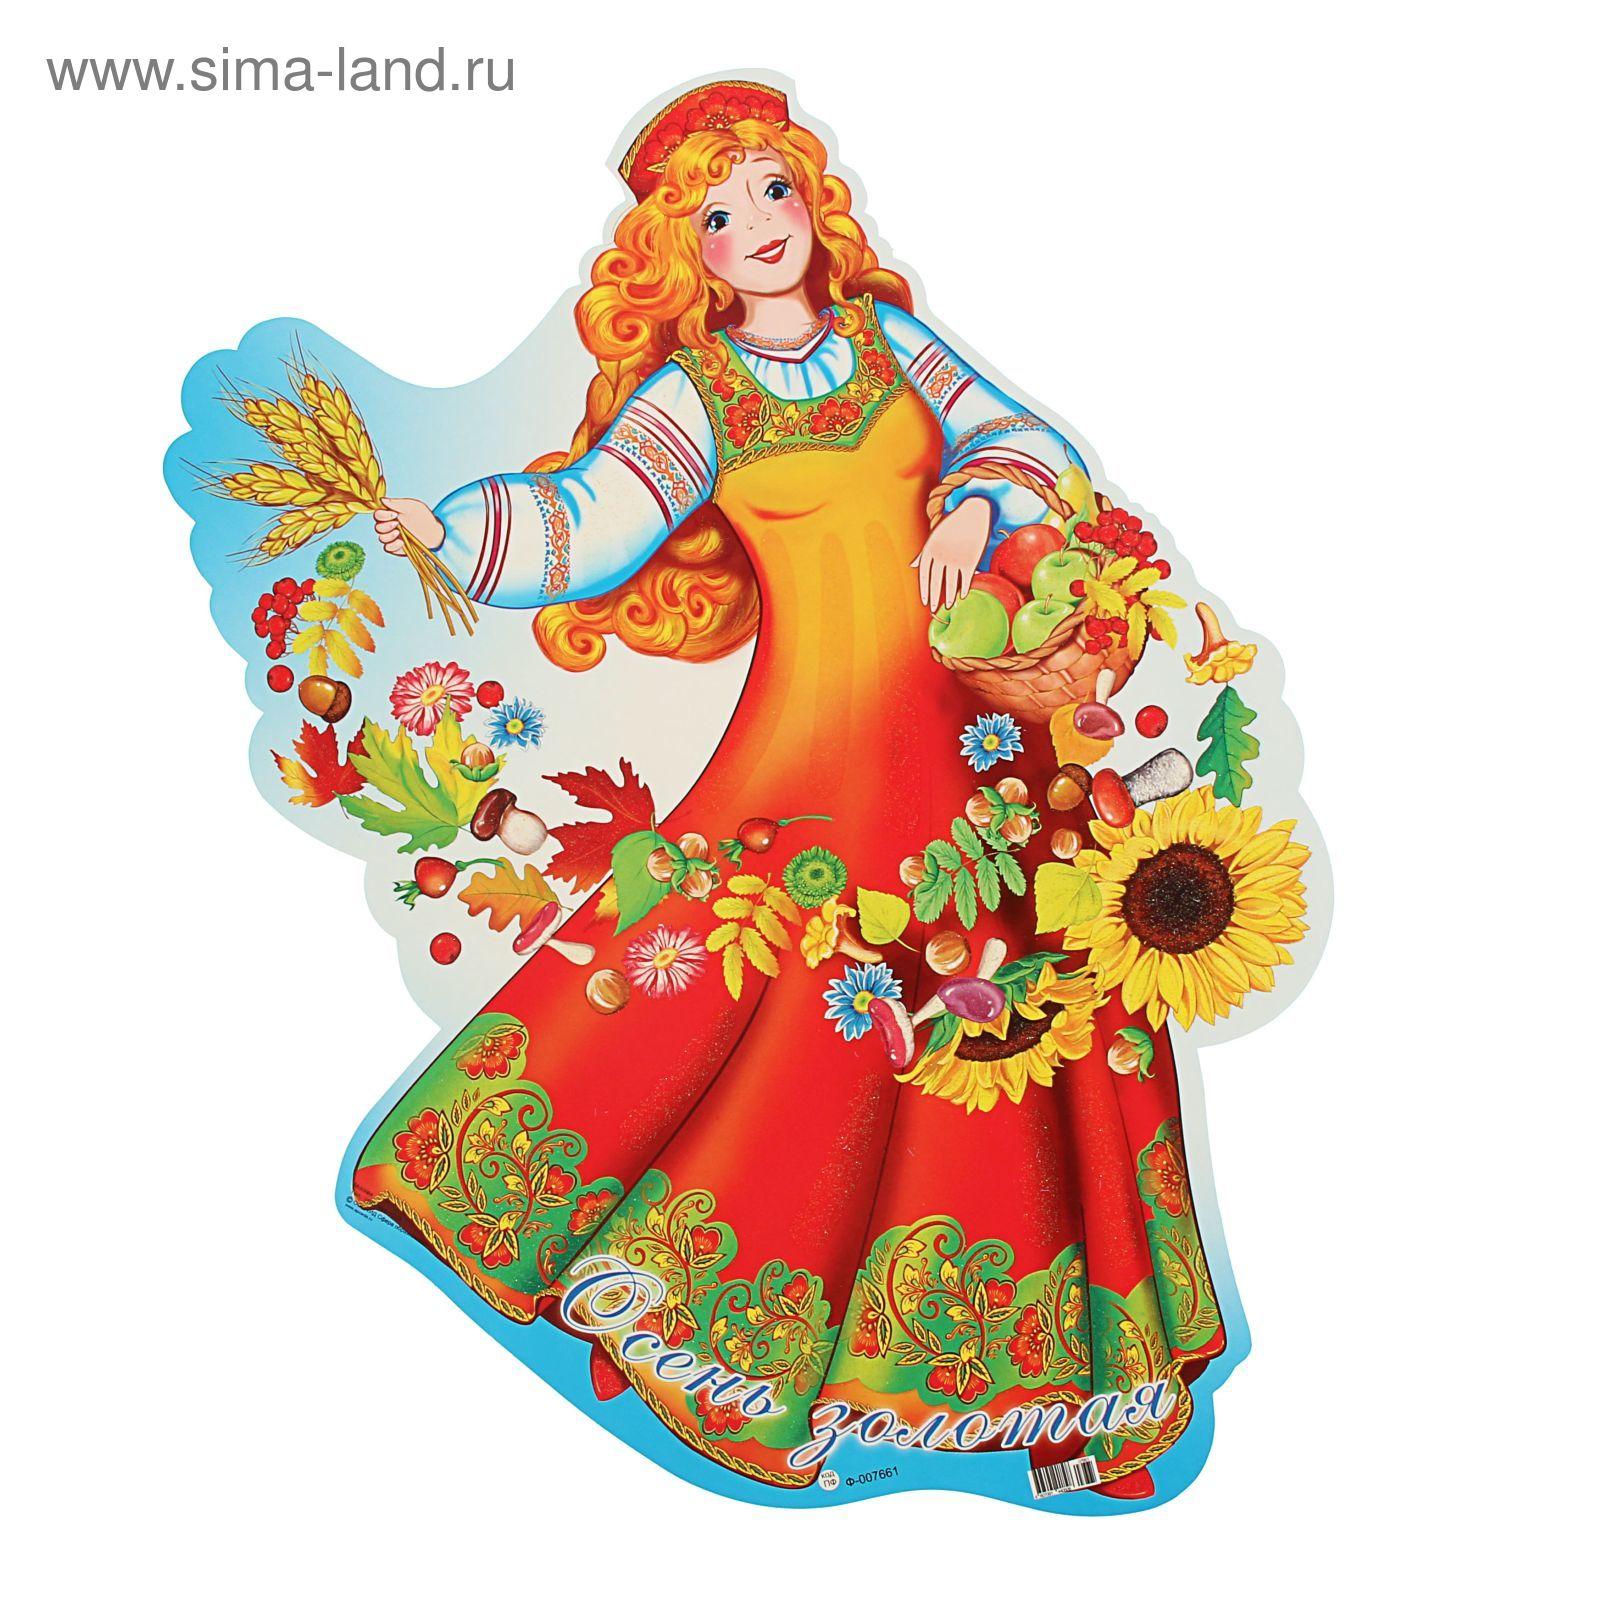 Картинки Для Детского Сада Осень Золотая